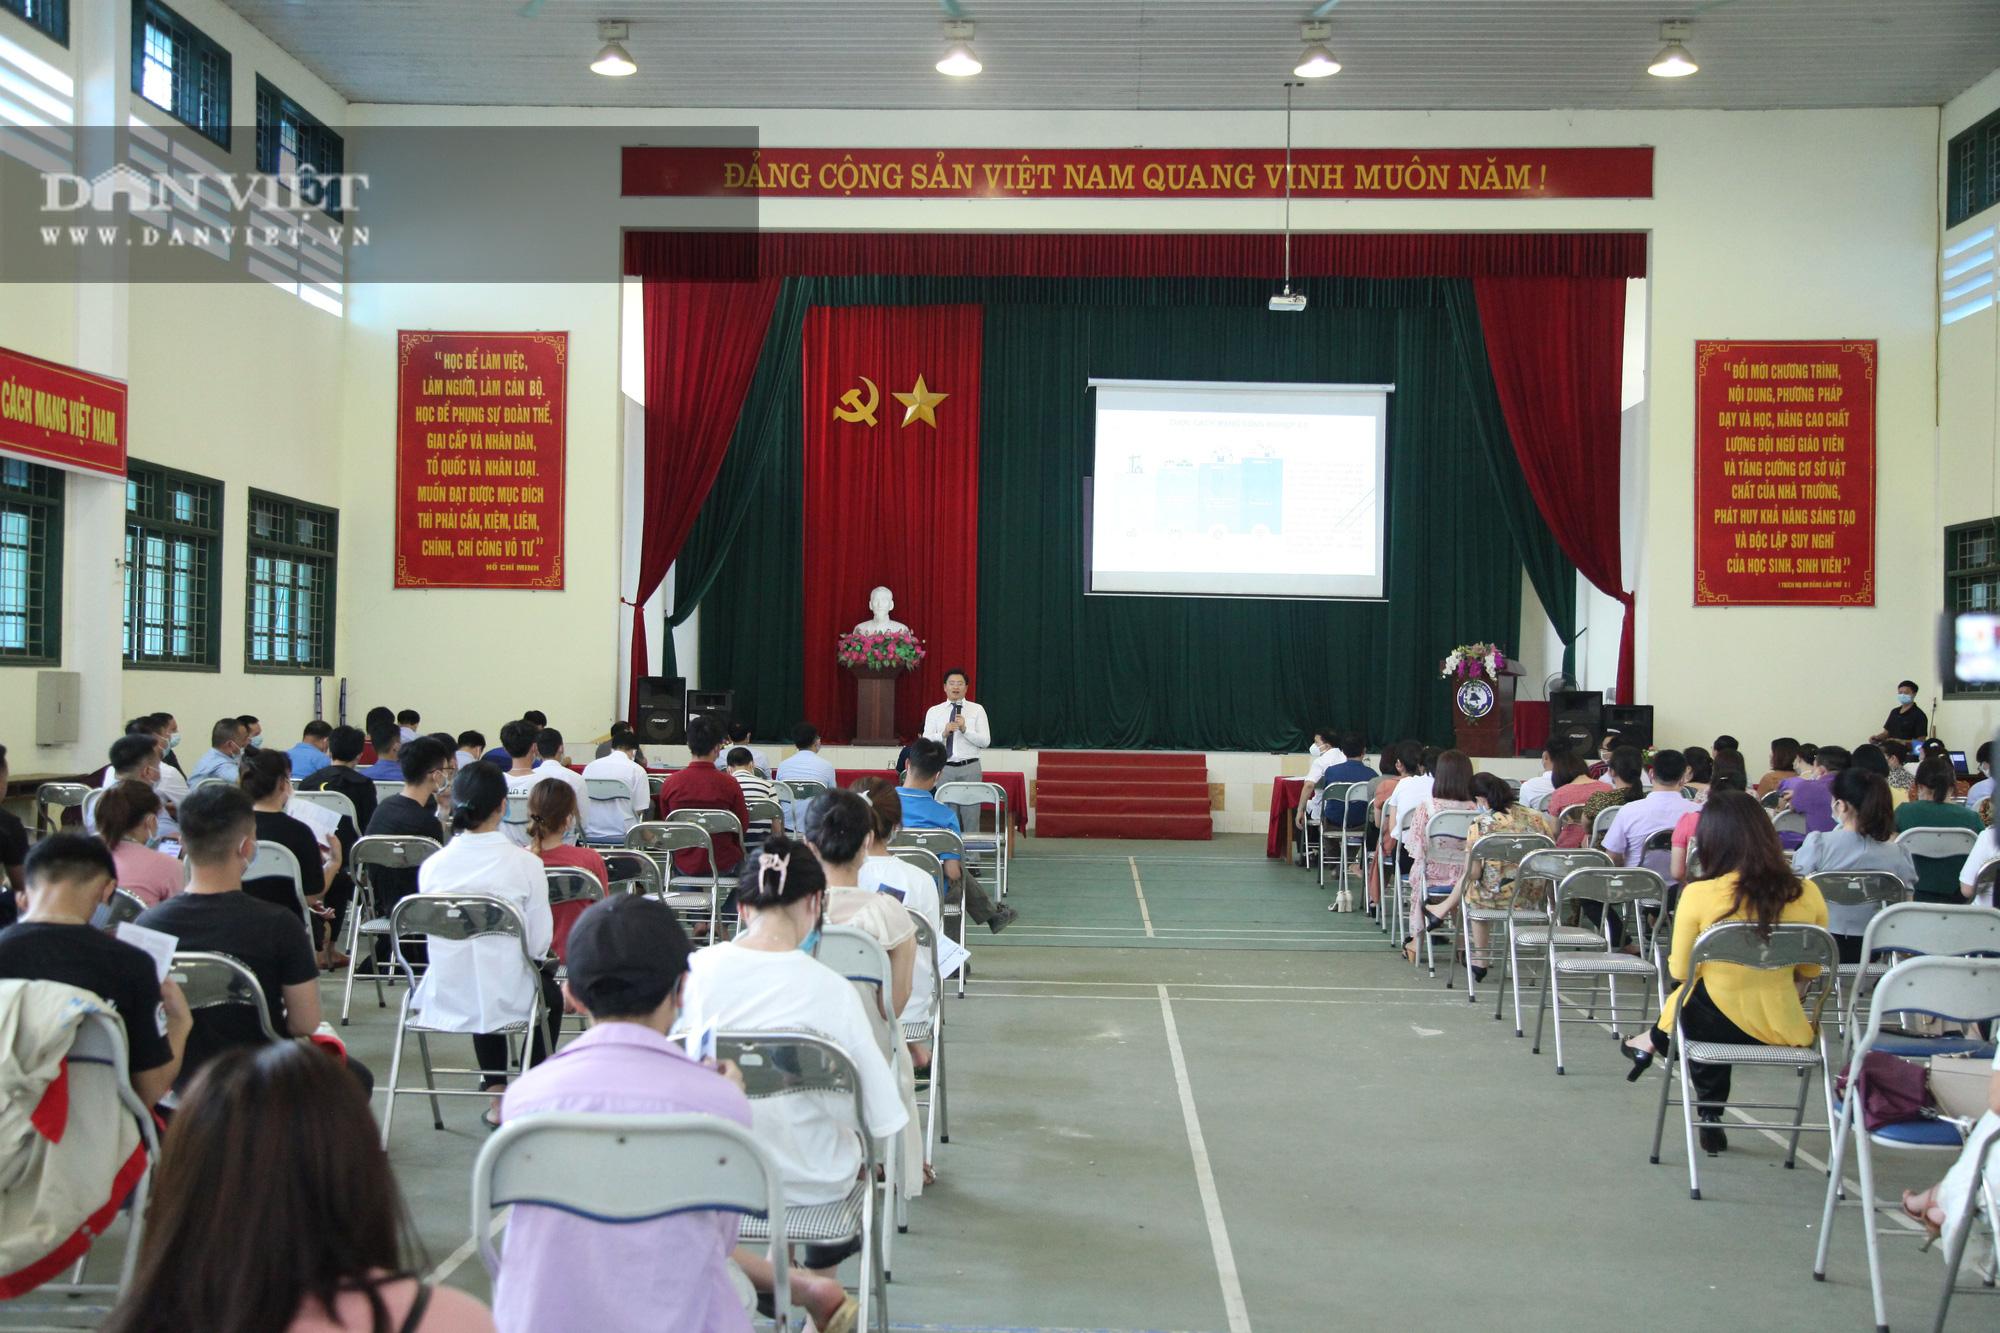 Bắc Kạn: Tập đoàn Kim Nam ký kế hợp tác cùng trường Cao đẳng Bắc Kạn - Ảnh 1.